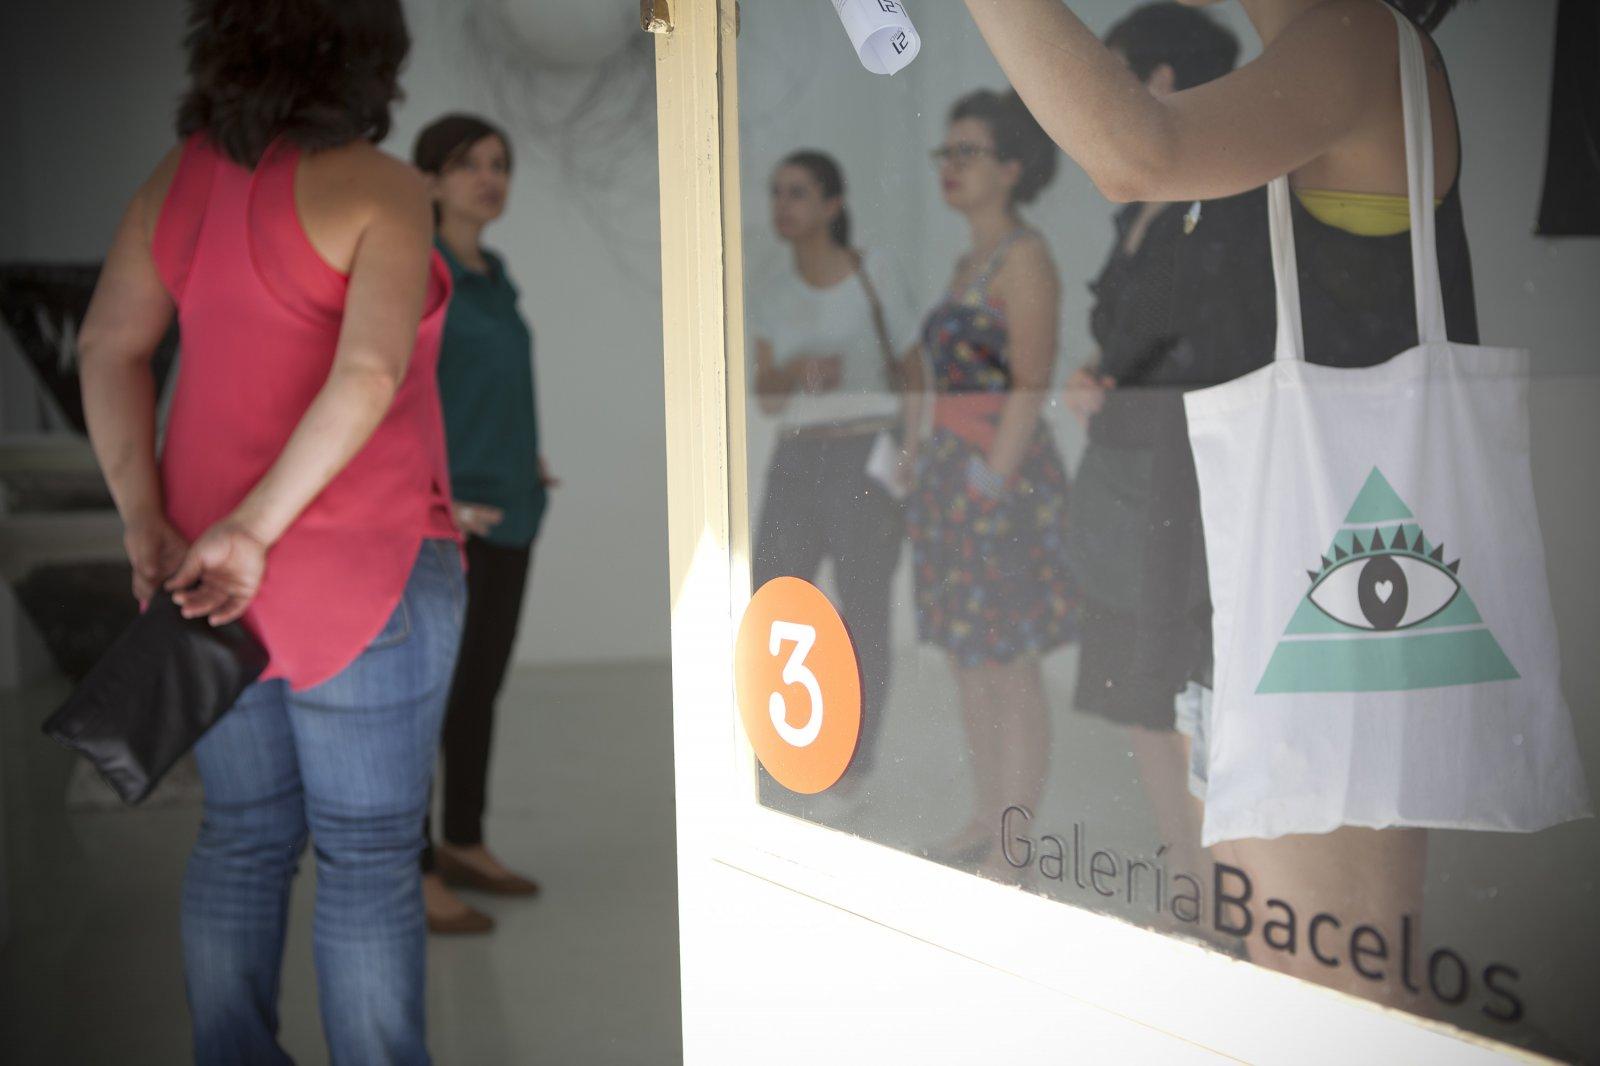 Entrada A La Galería Bacelos. Expo \'Pareidolia\'